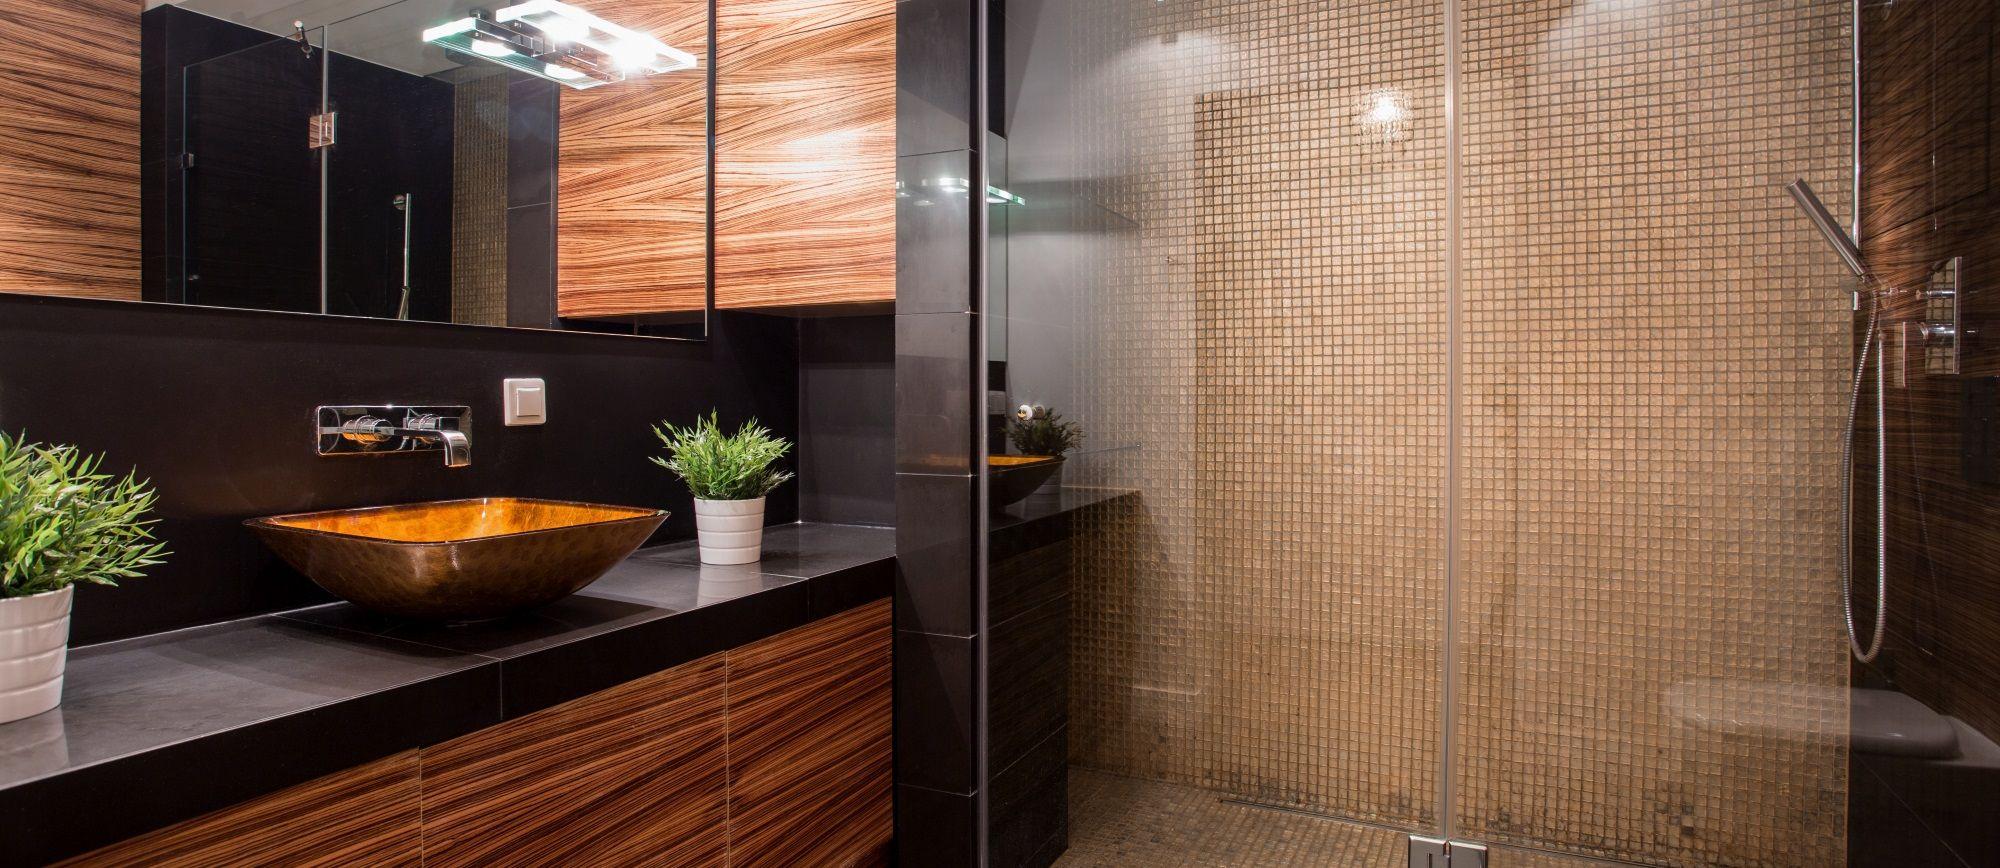 Badsanierung Wien - Bauunternehmen Wien